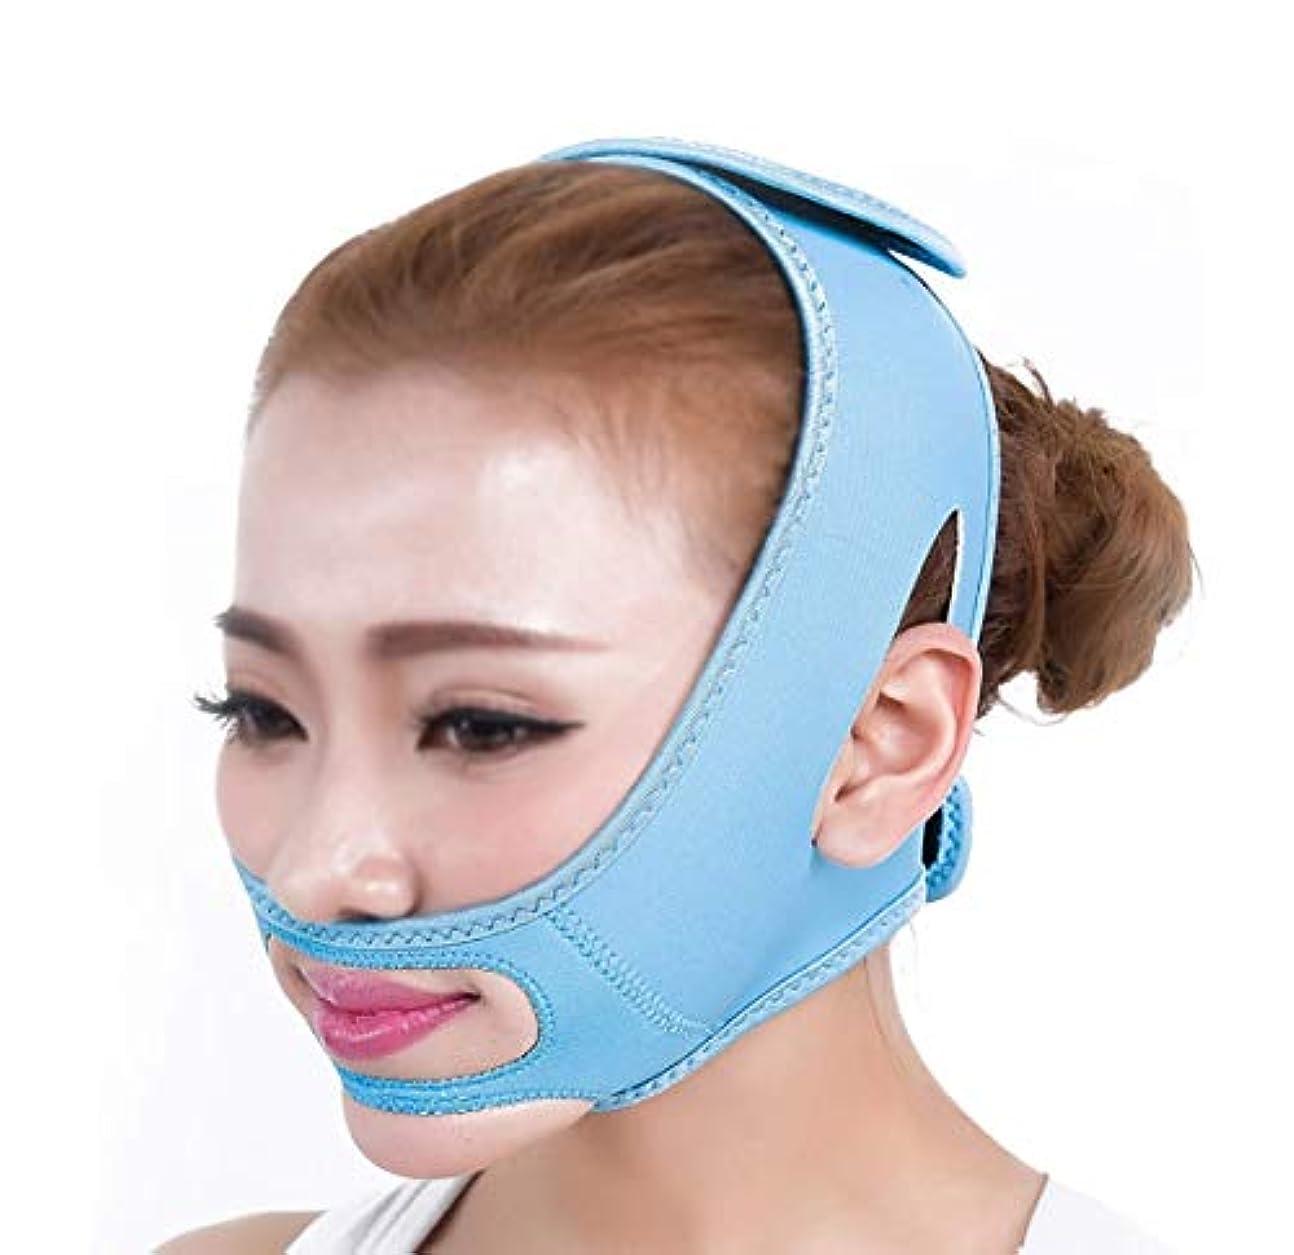 ガウン痛い指紋HEMFV フェイススリミングは、顔の皮膚包帯二重あごスリミングベルト美容通気性のVフェイス包帯顔のリフティングを締め、スリムリフトマスク